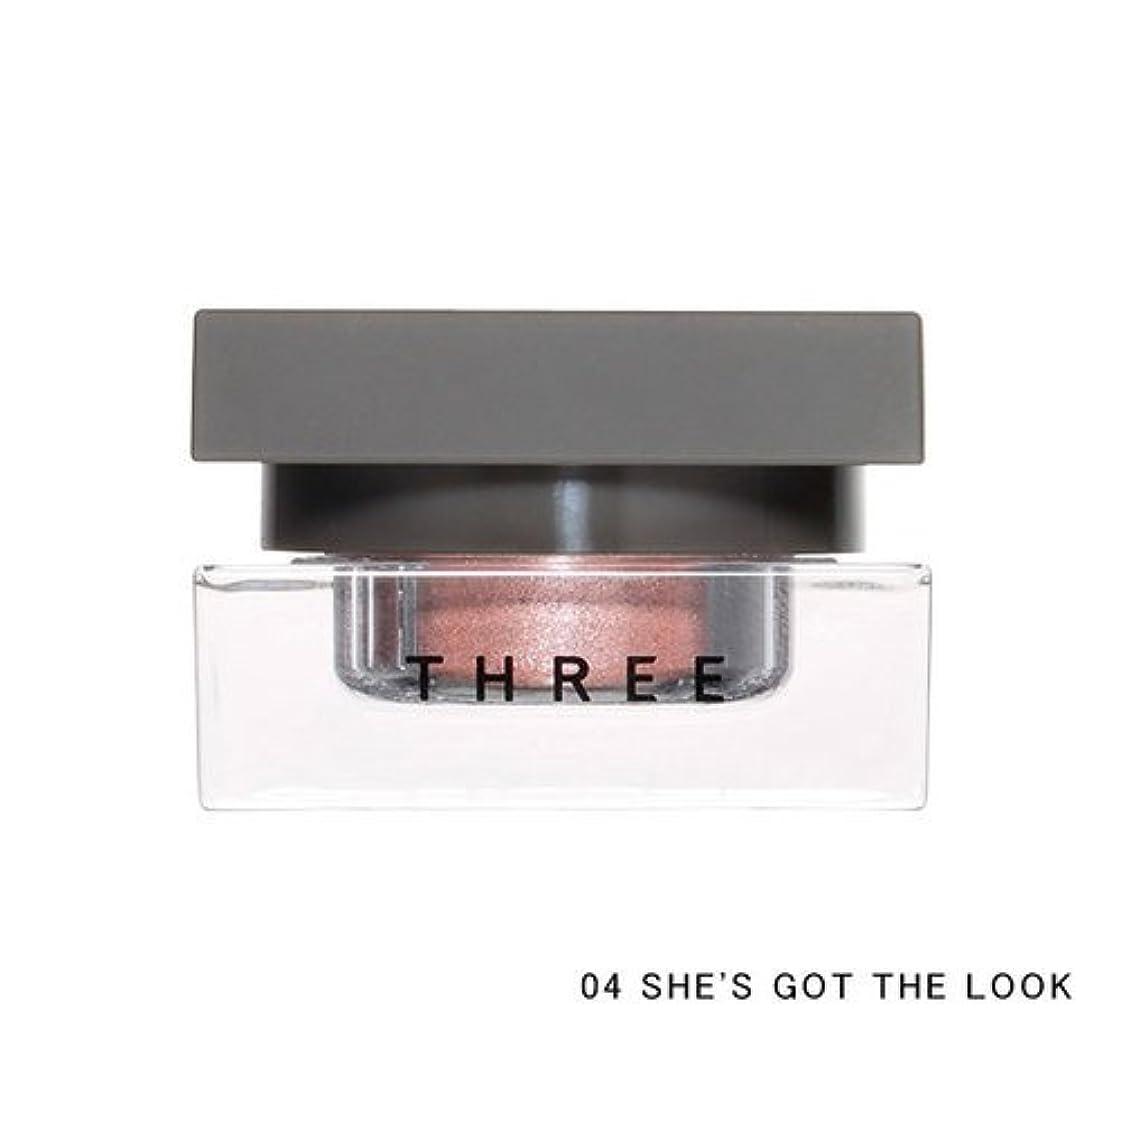 調停するスピーカー四分円THREE(スリー) THREE シマリングカラーヴェール ステートメント (04 SHE'S GOT THE LOOK)